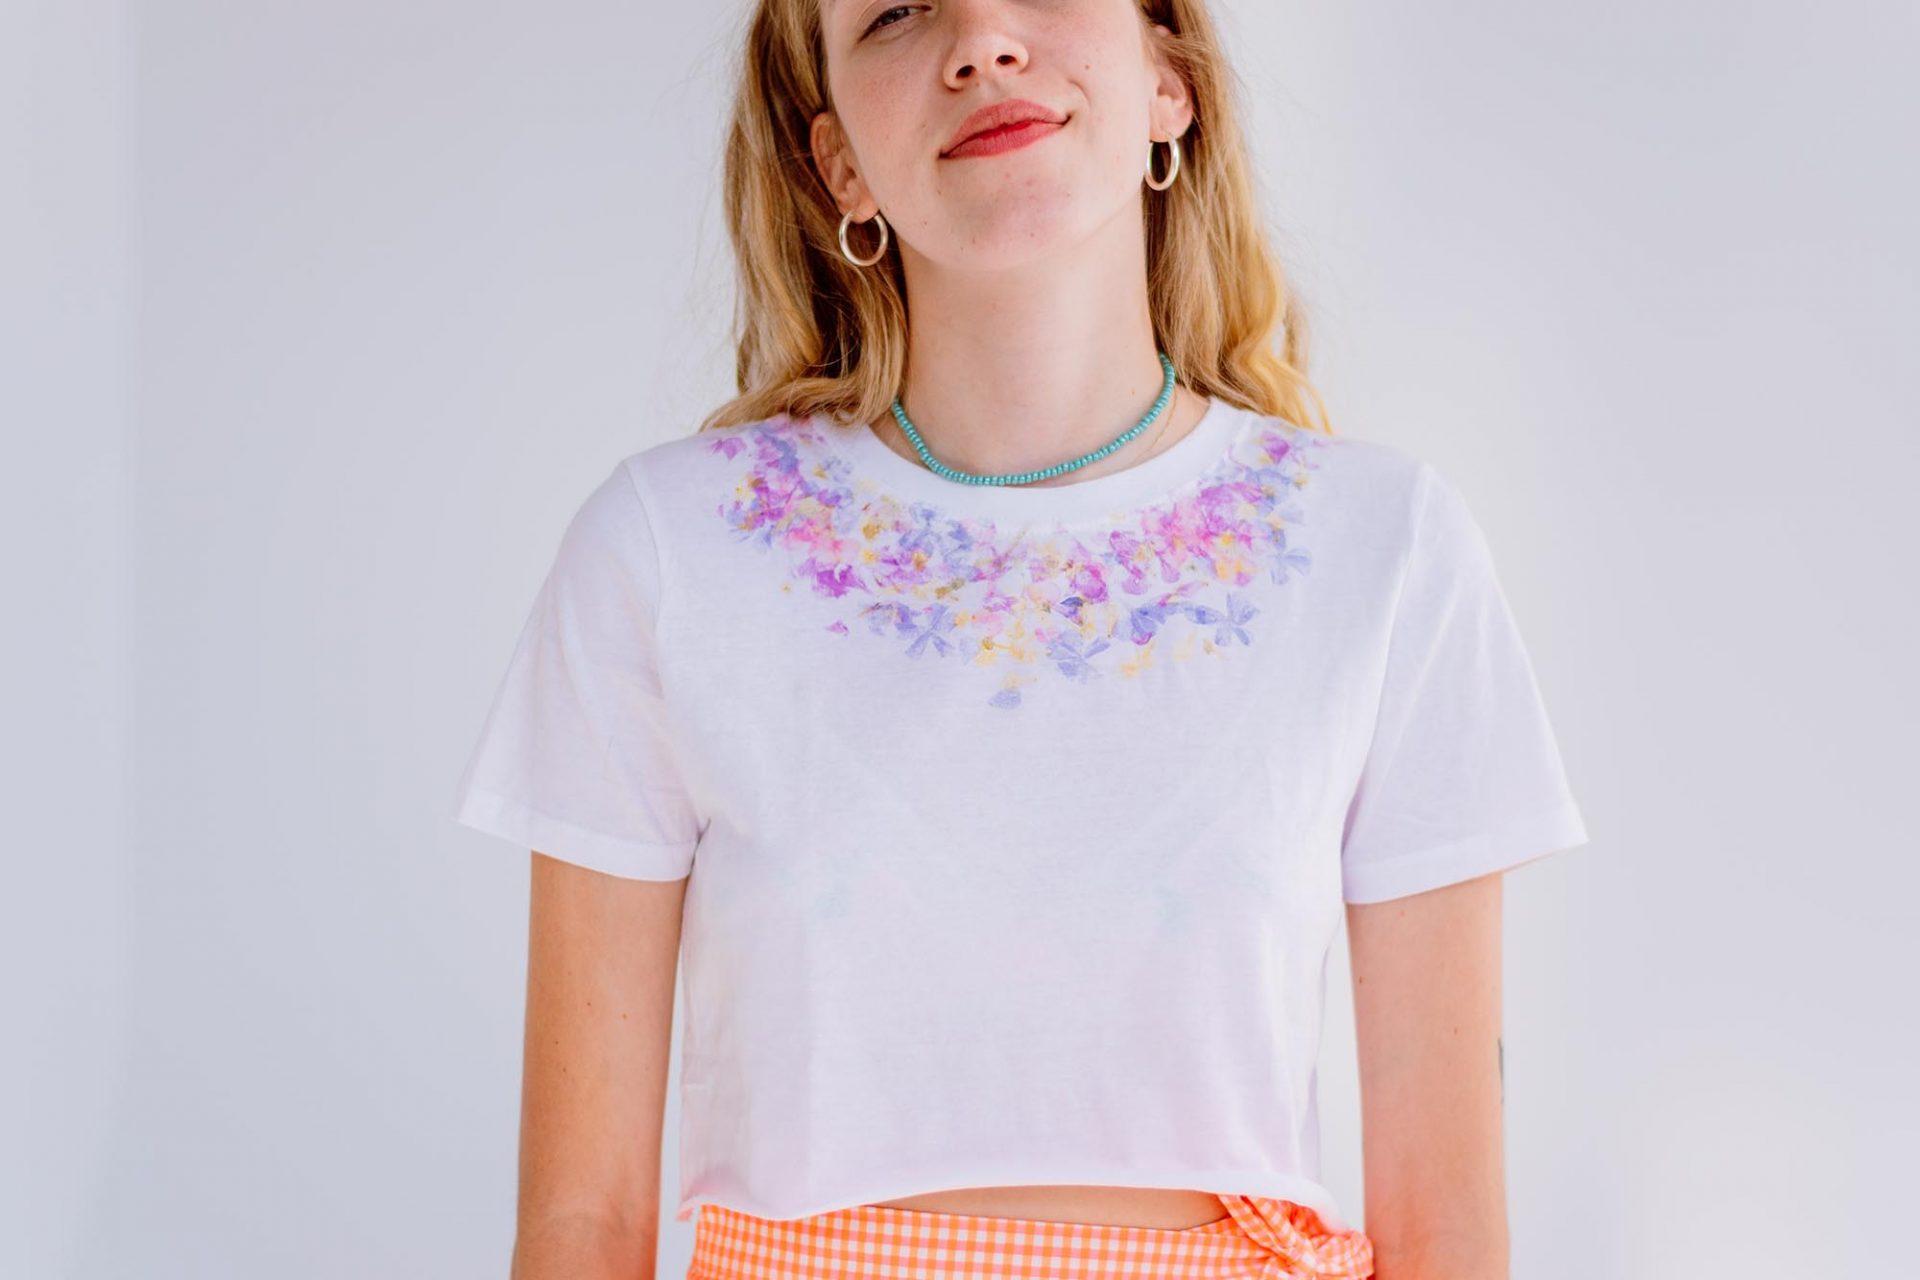 Ashinyday.com FashionDIY FlowerPrintTshirt-χειροτεχνίες-2